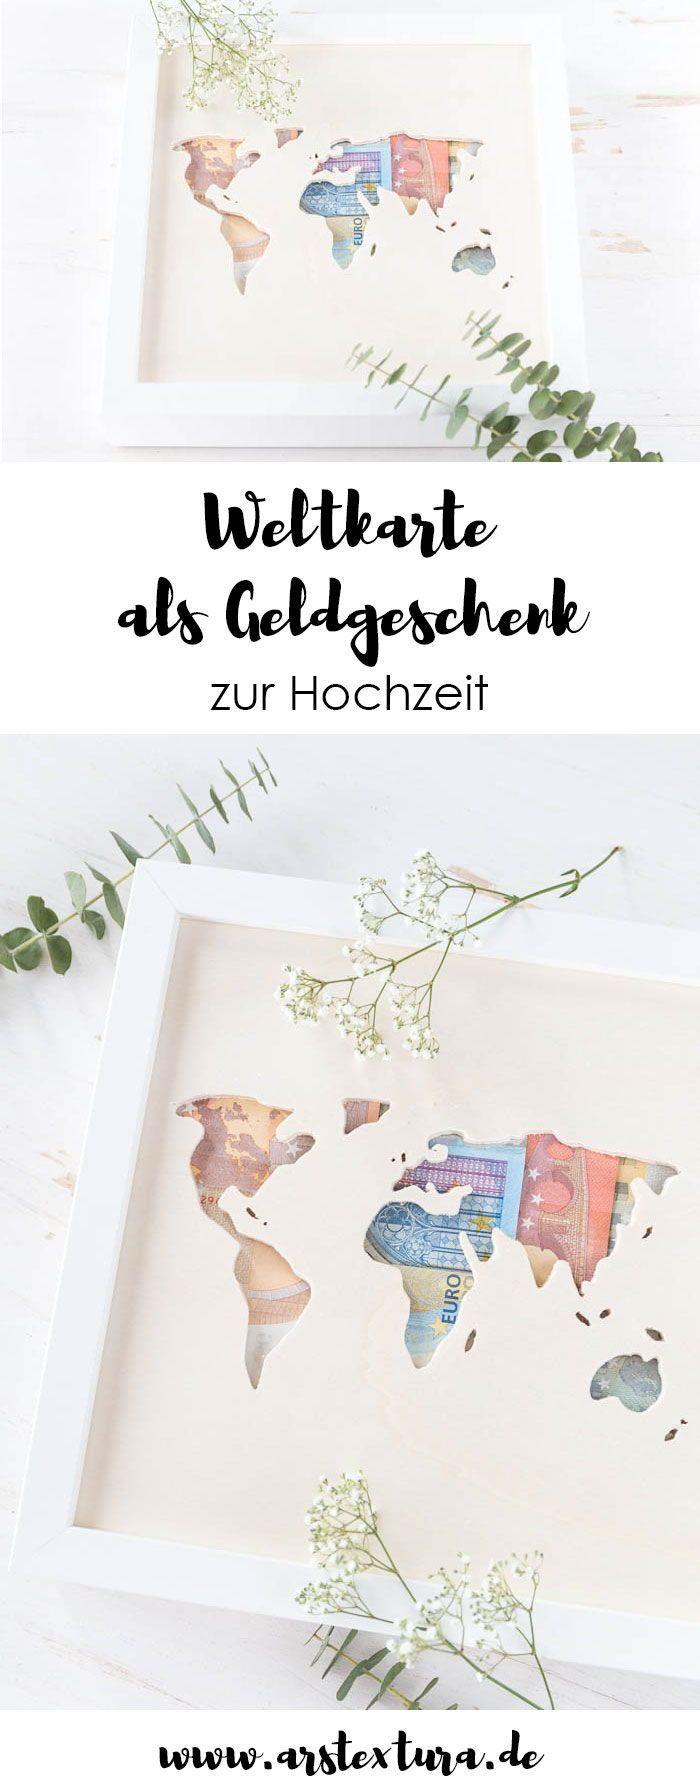 Geldgeschenk zur Hochzeit – Weltkarte aus Holz mit Geld – Schmuck Blog DIY's